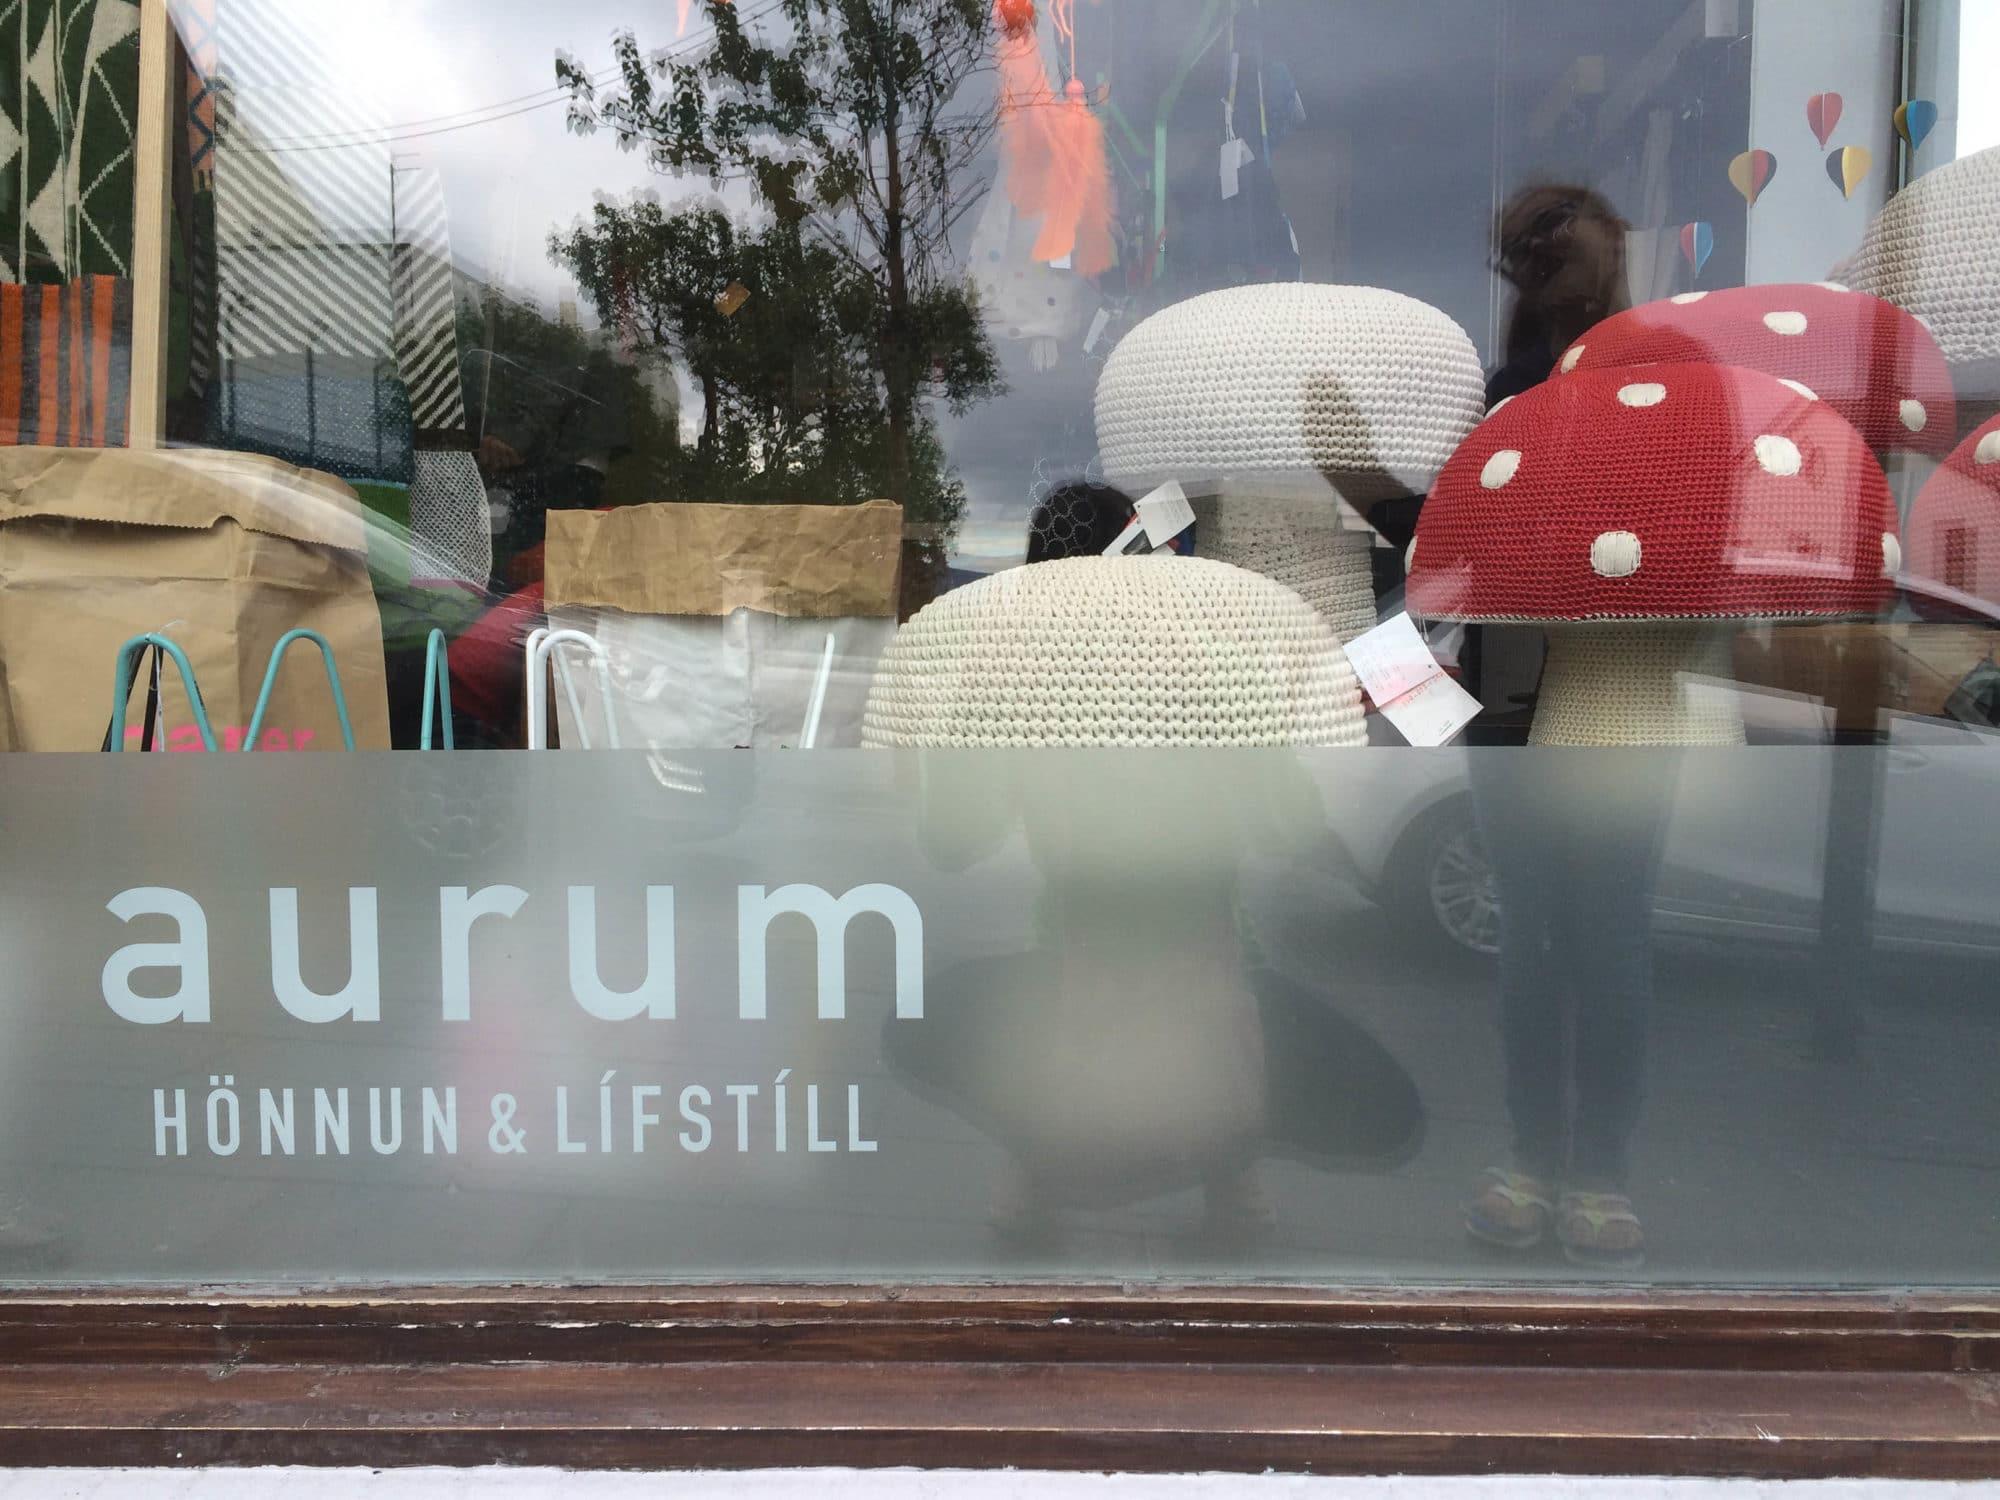 Aurum Shop Reykjavik Iceland | Umami Girl